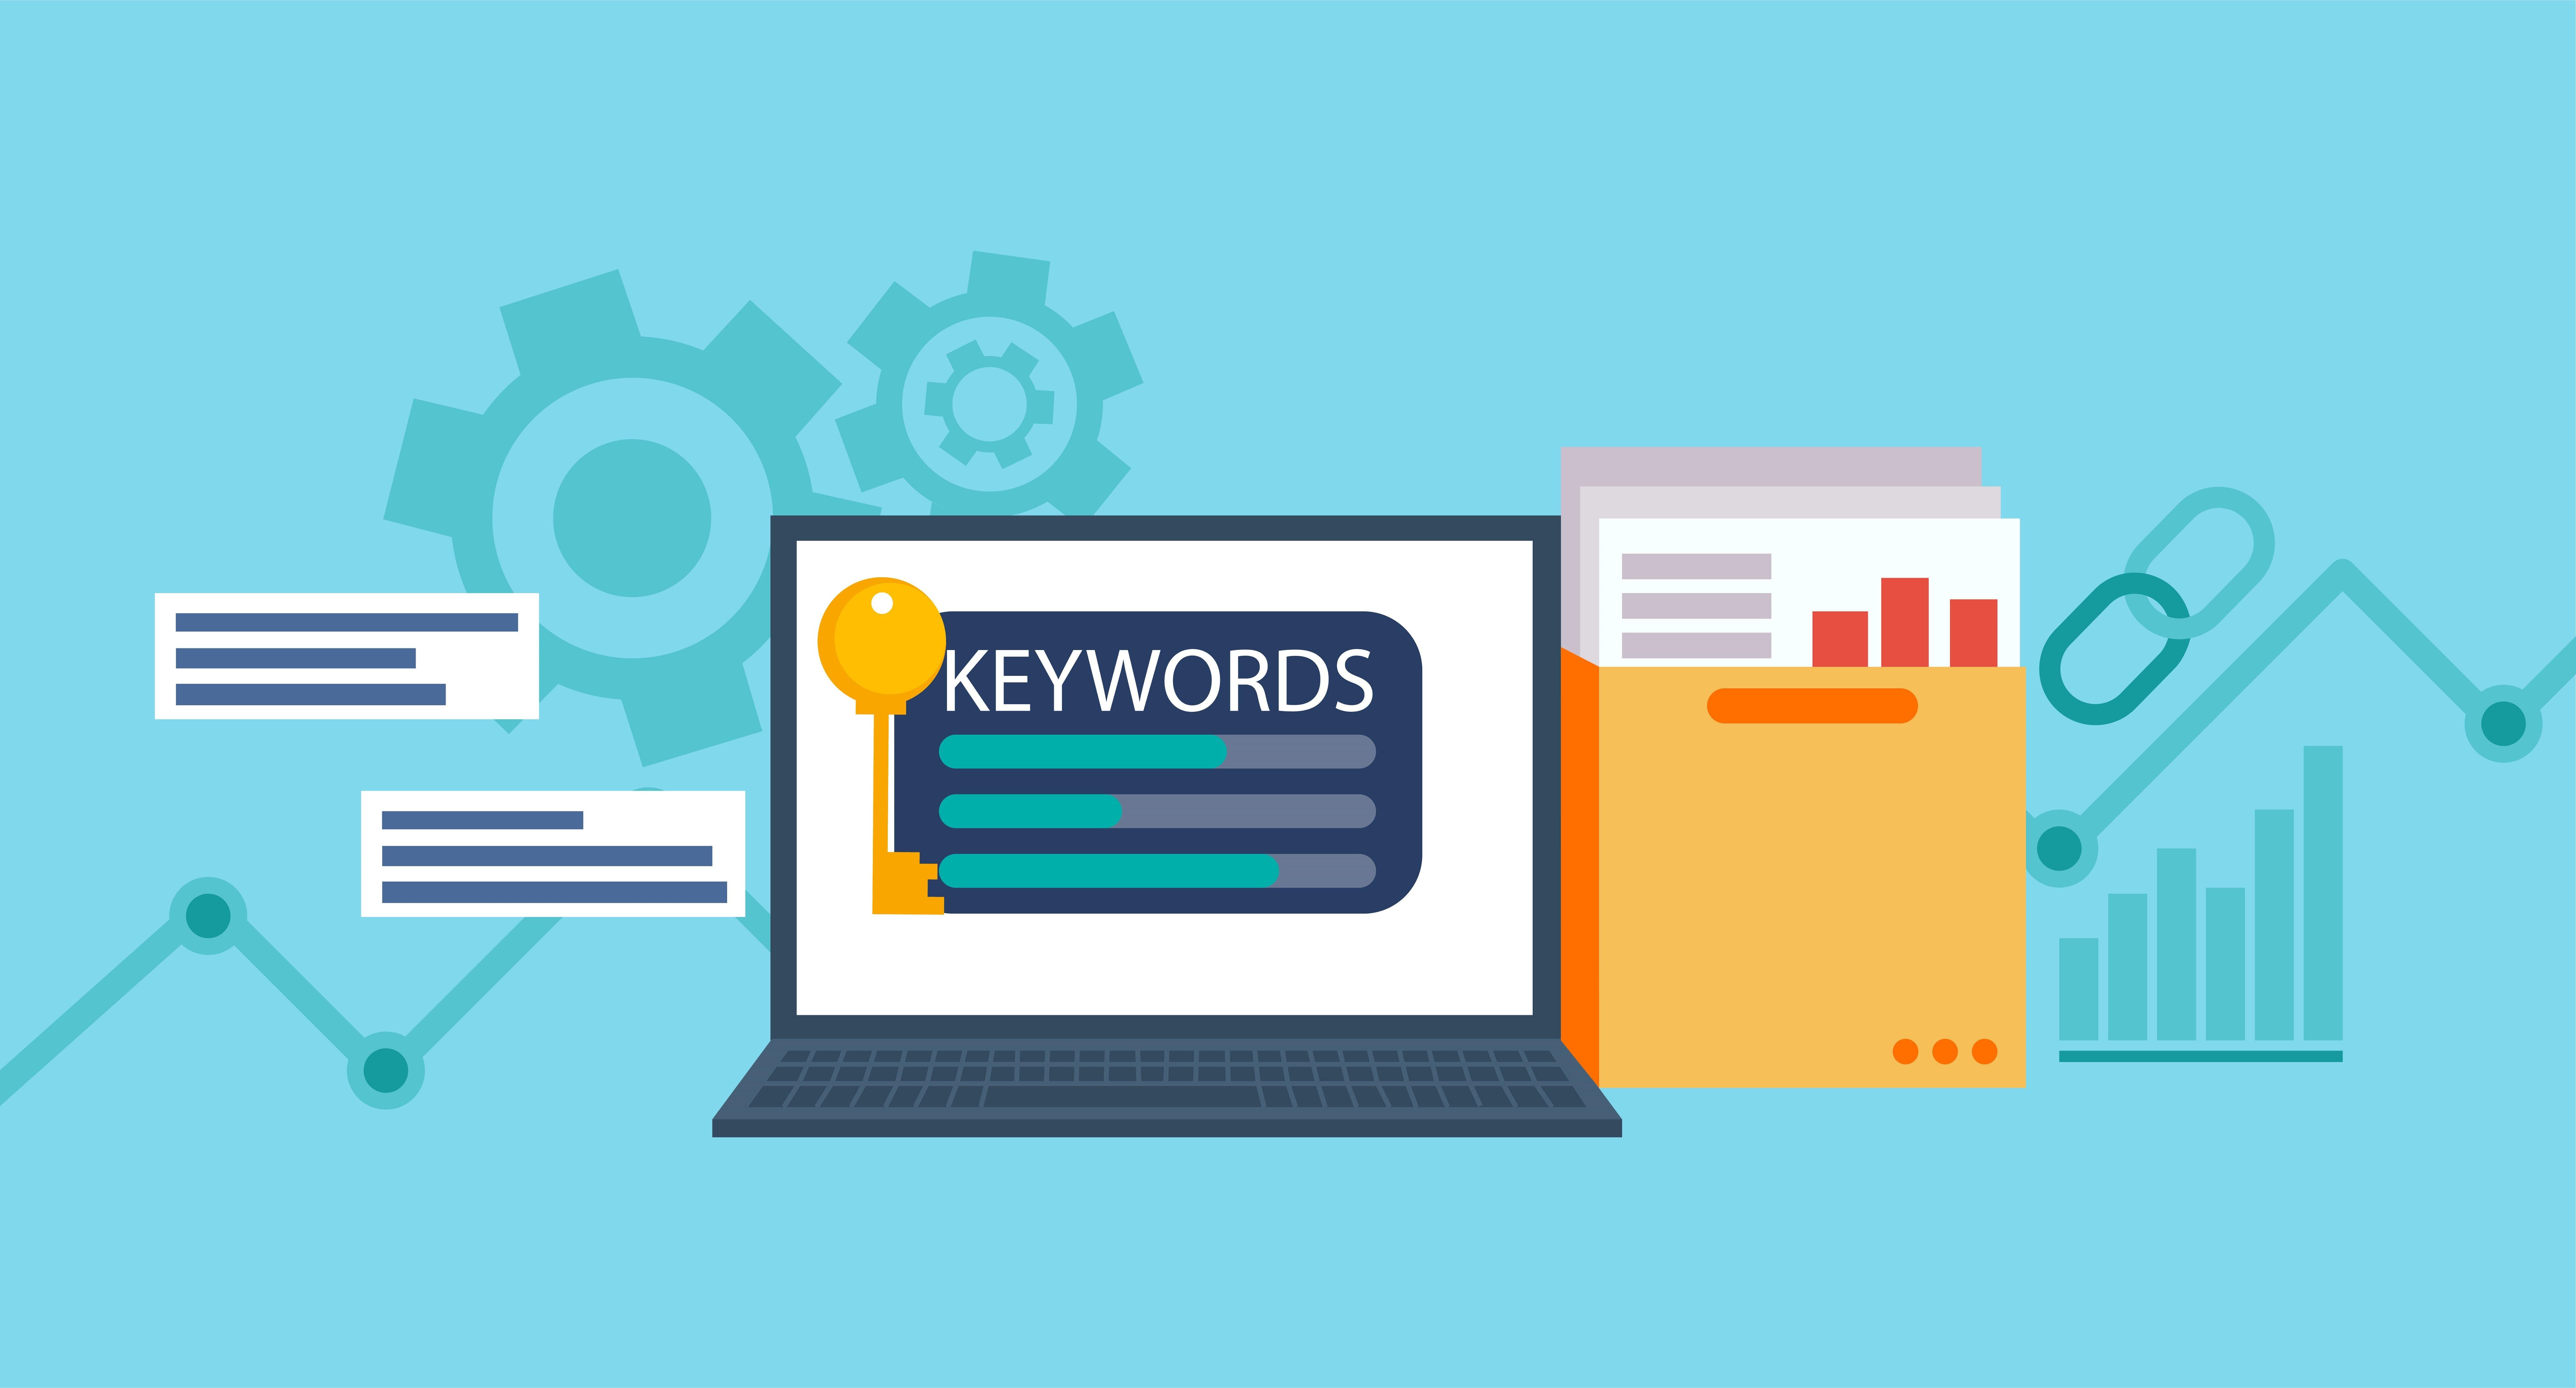 Como usar a ferramenta de palavras-chave do Google